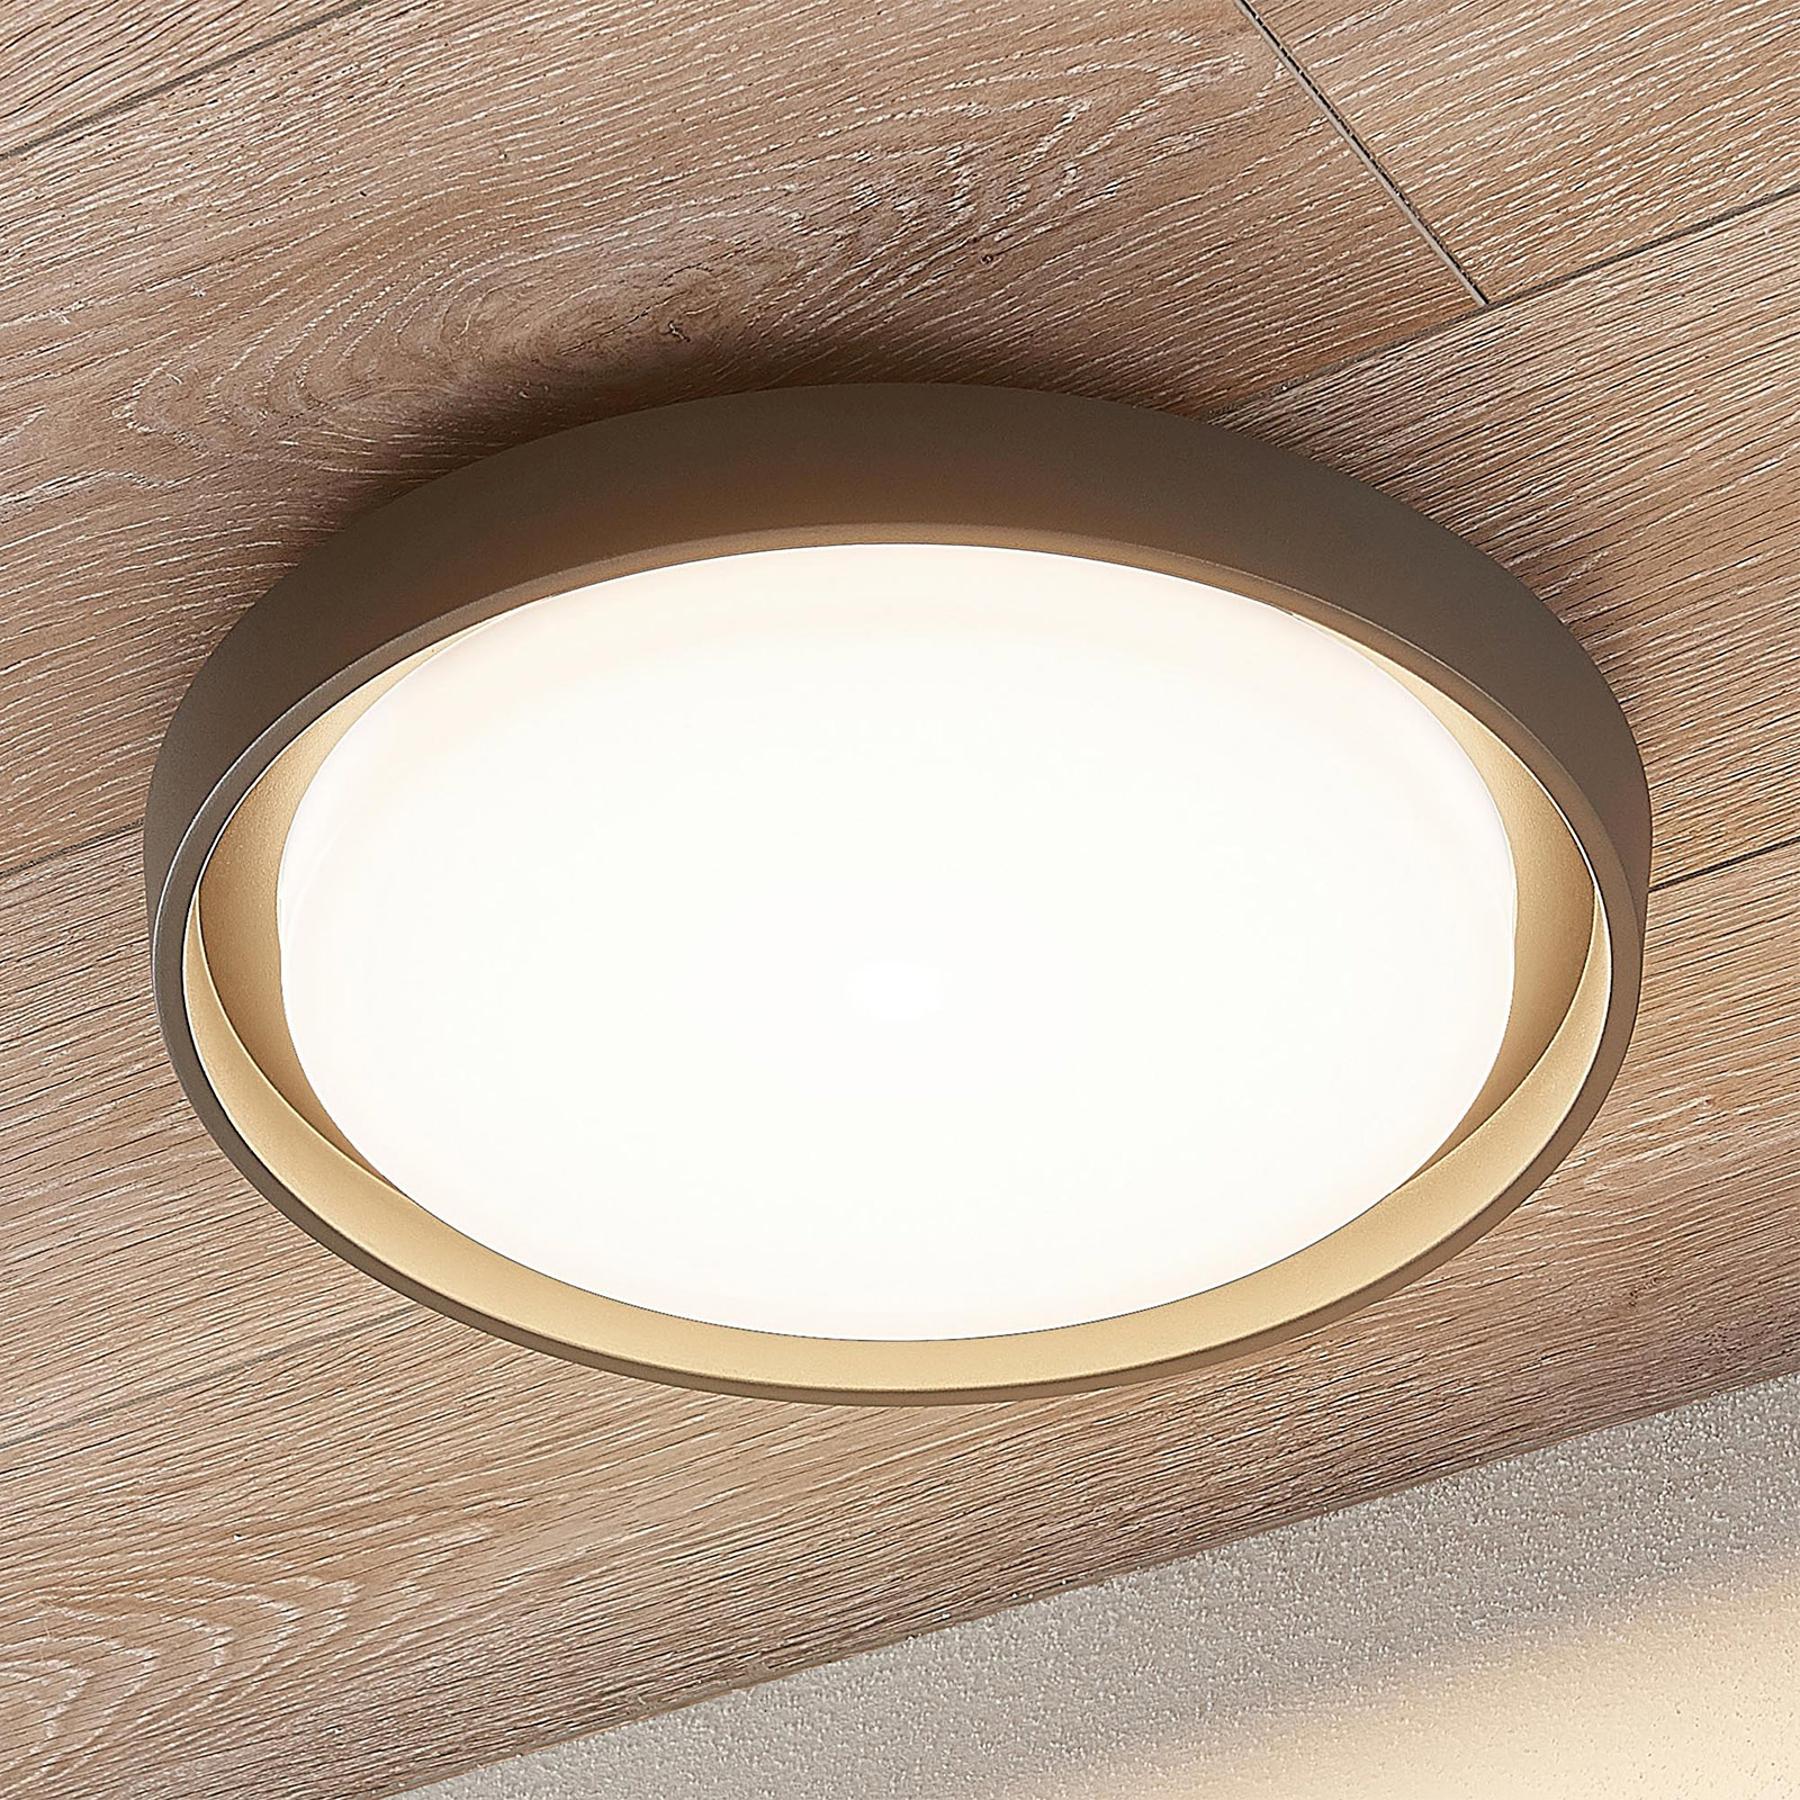 Lampa sufitowa LED Birta, okrągła, 34 cm